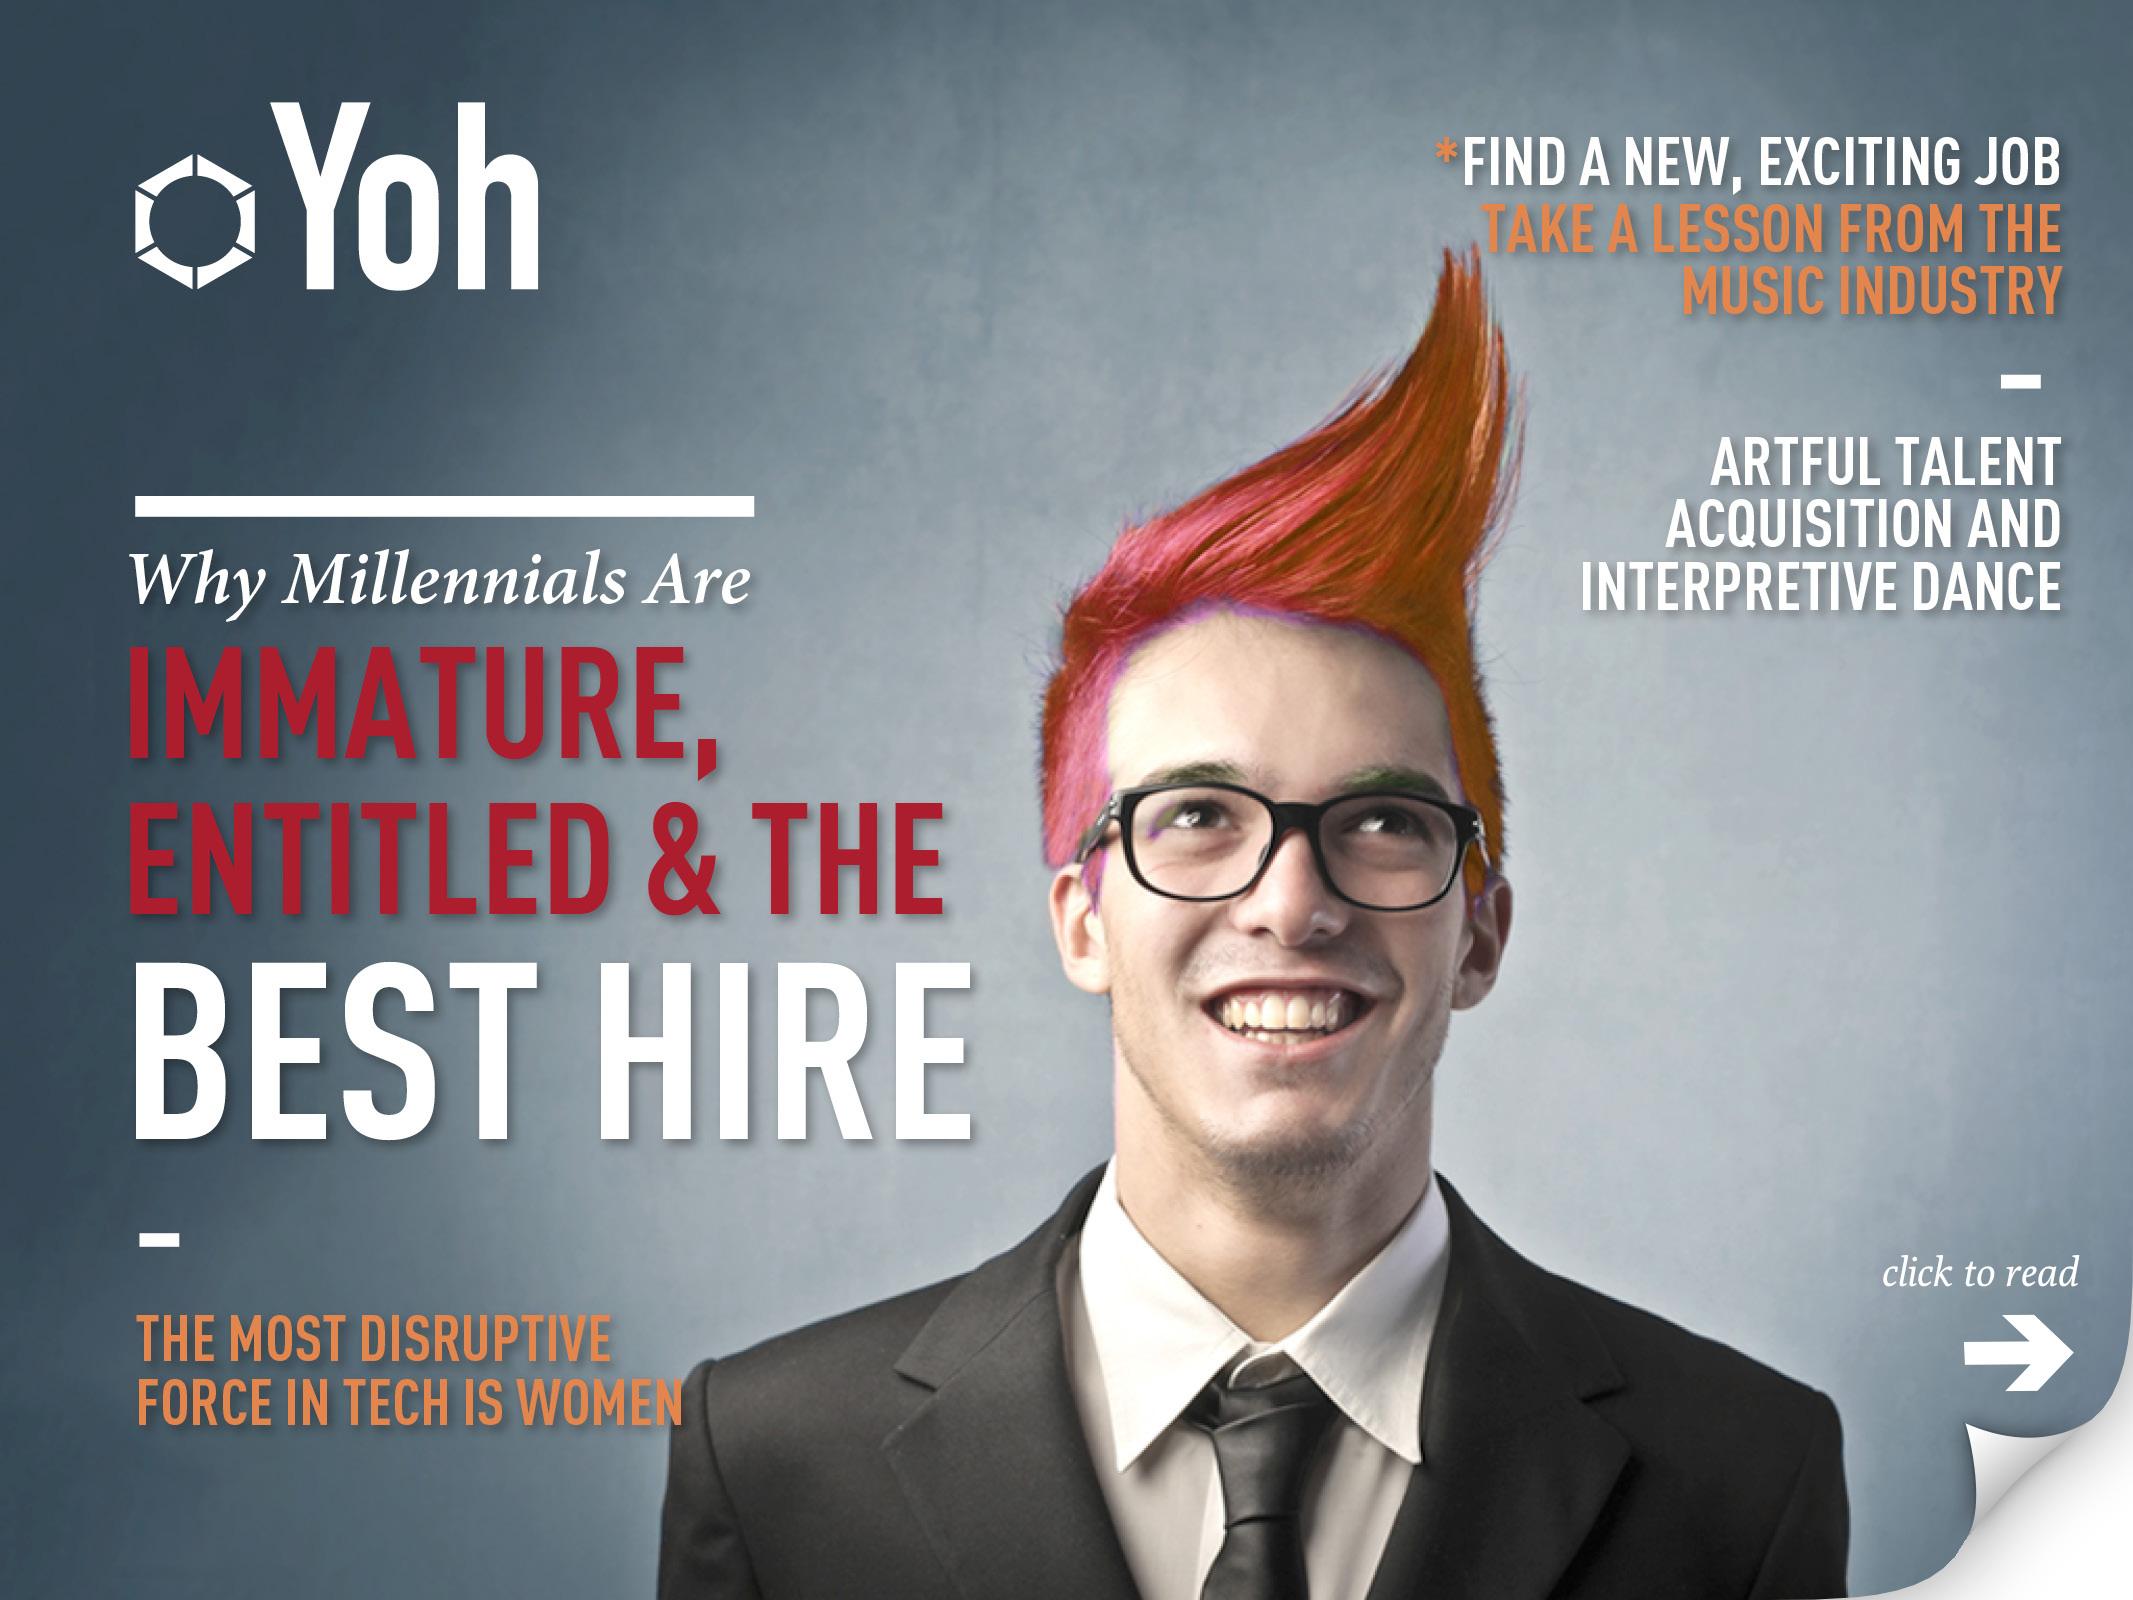 YOH_Magazine_September14_cover1.jpg